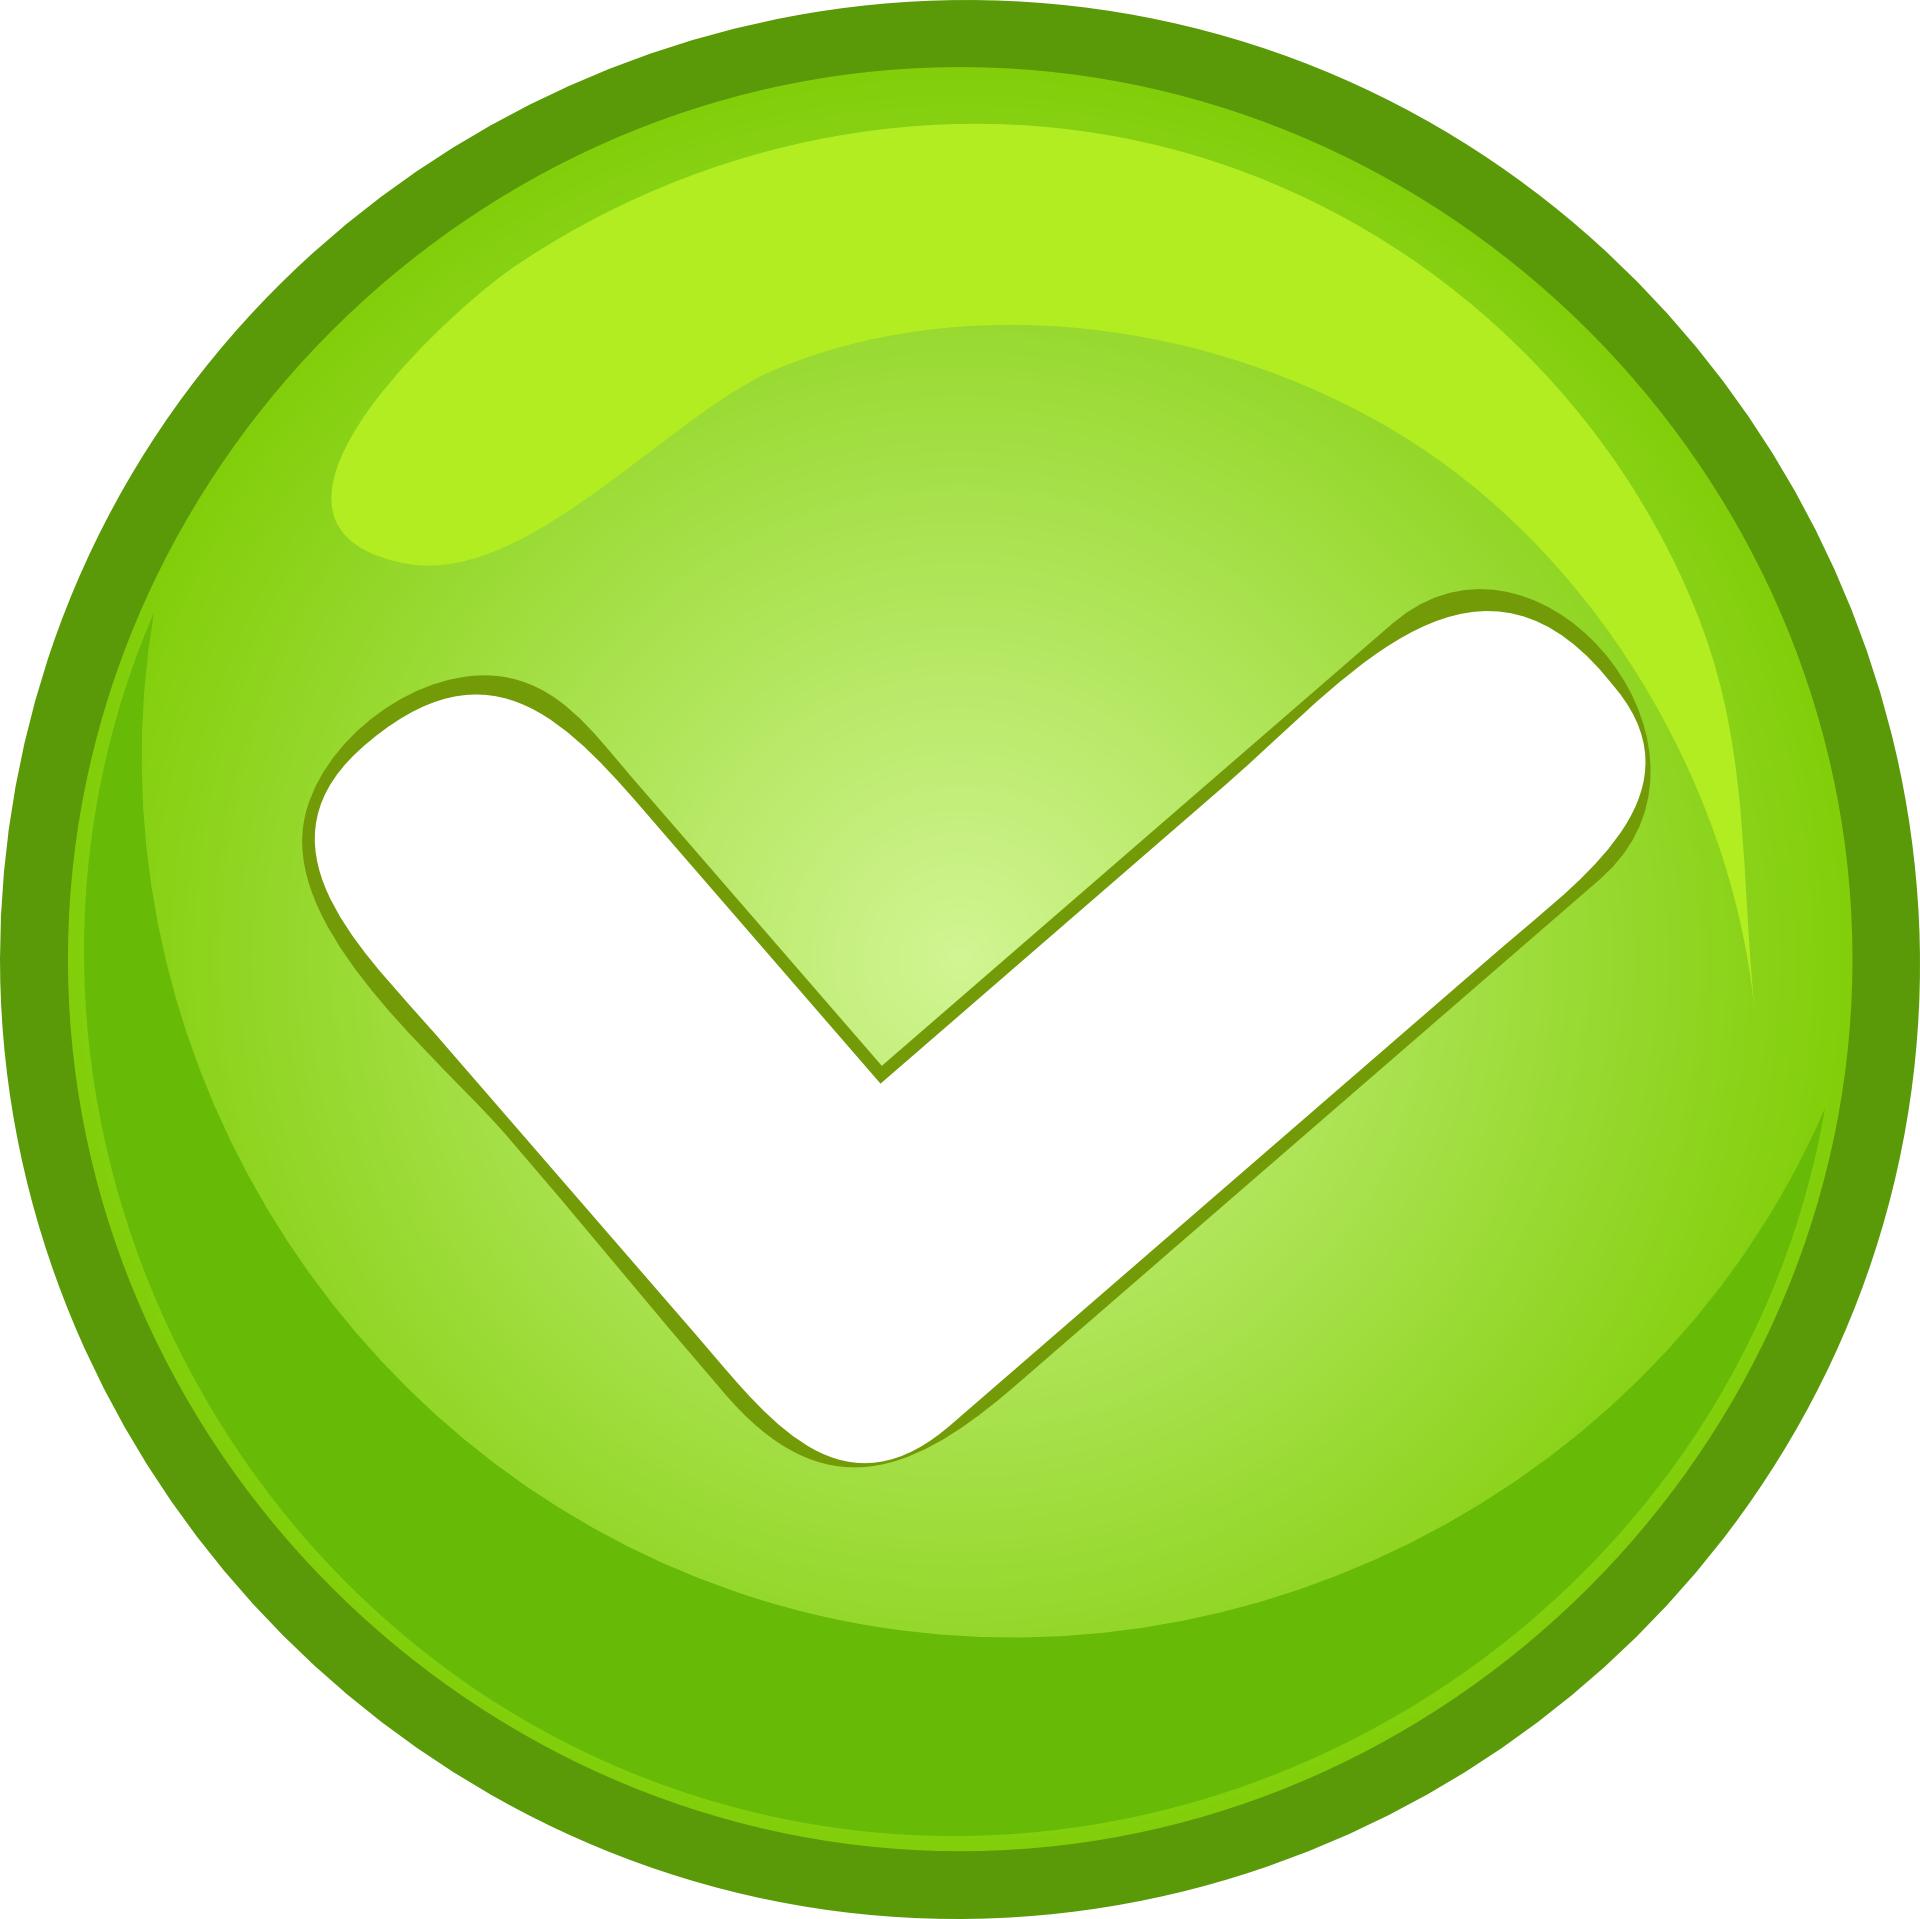 Green checked button vector